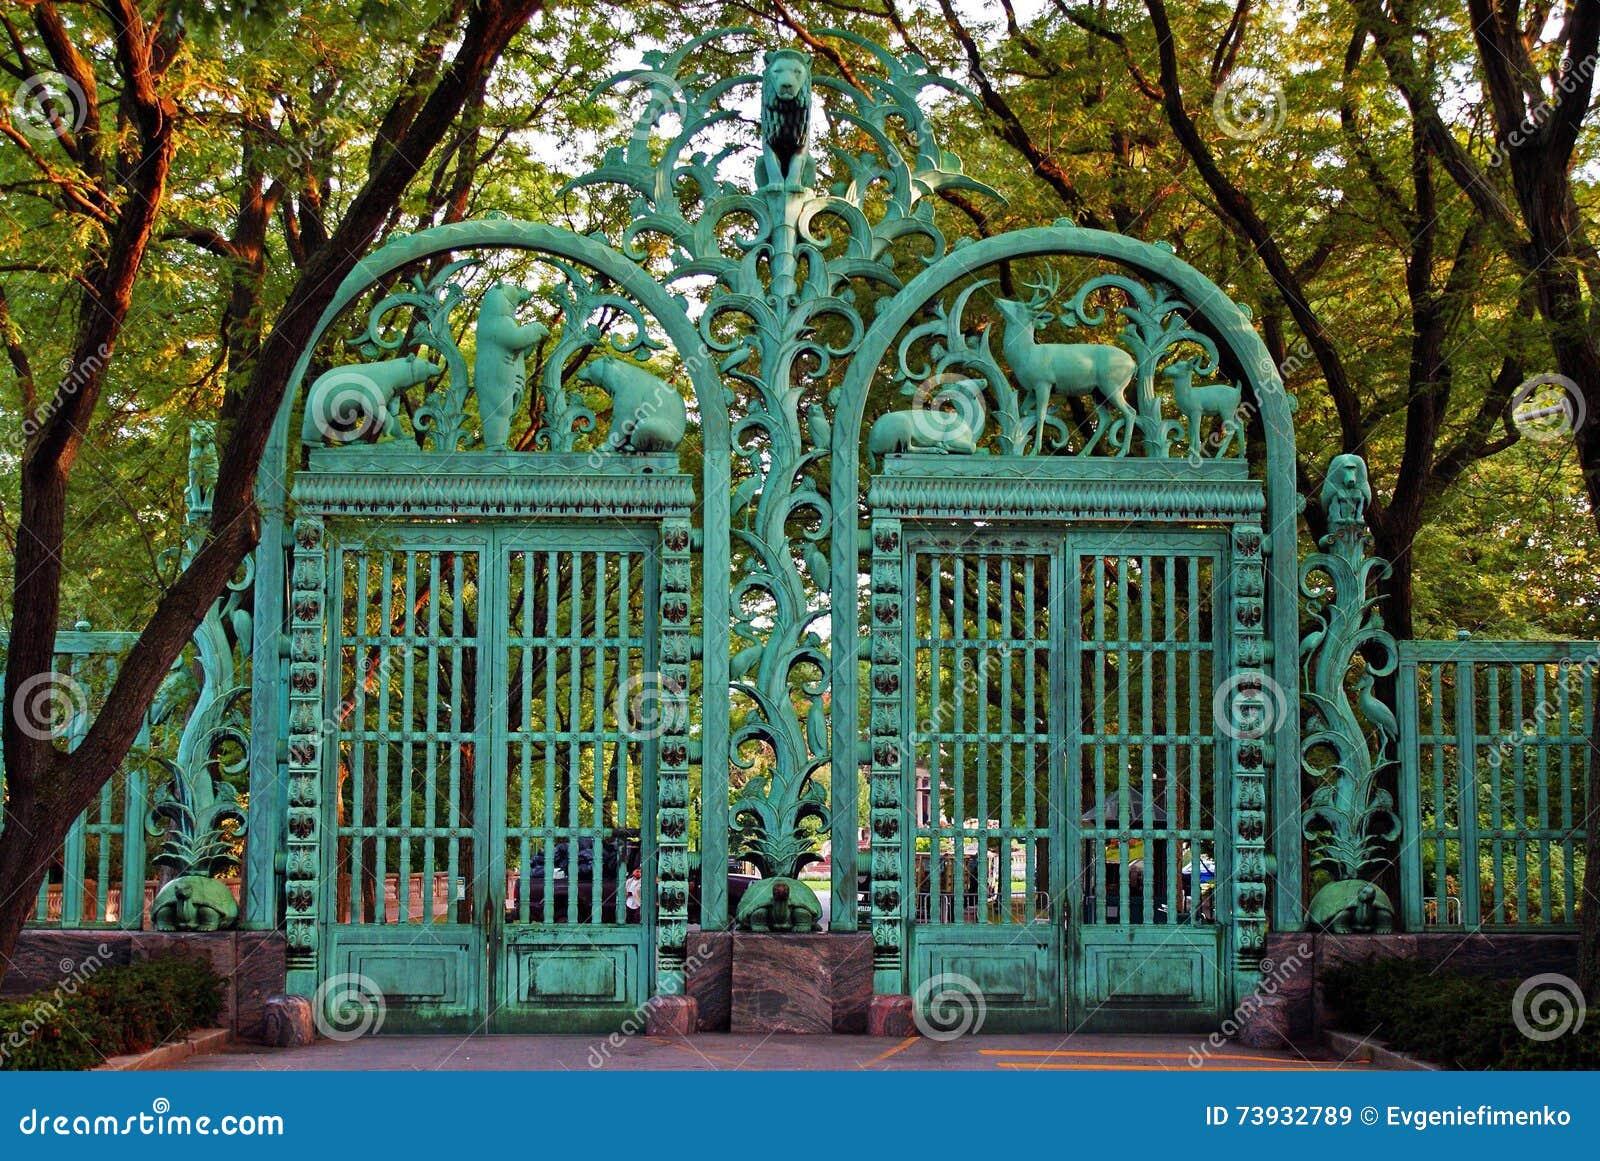 Porte au zoo de Bronx